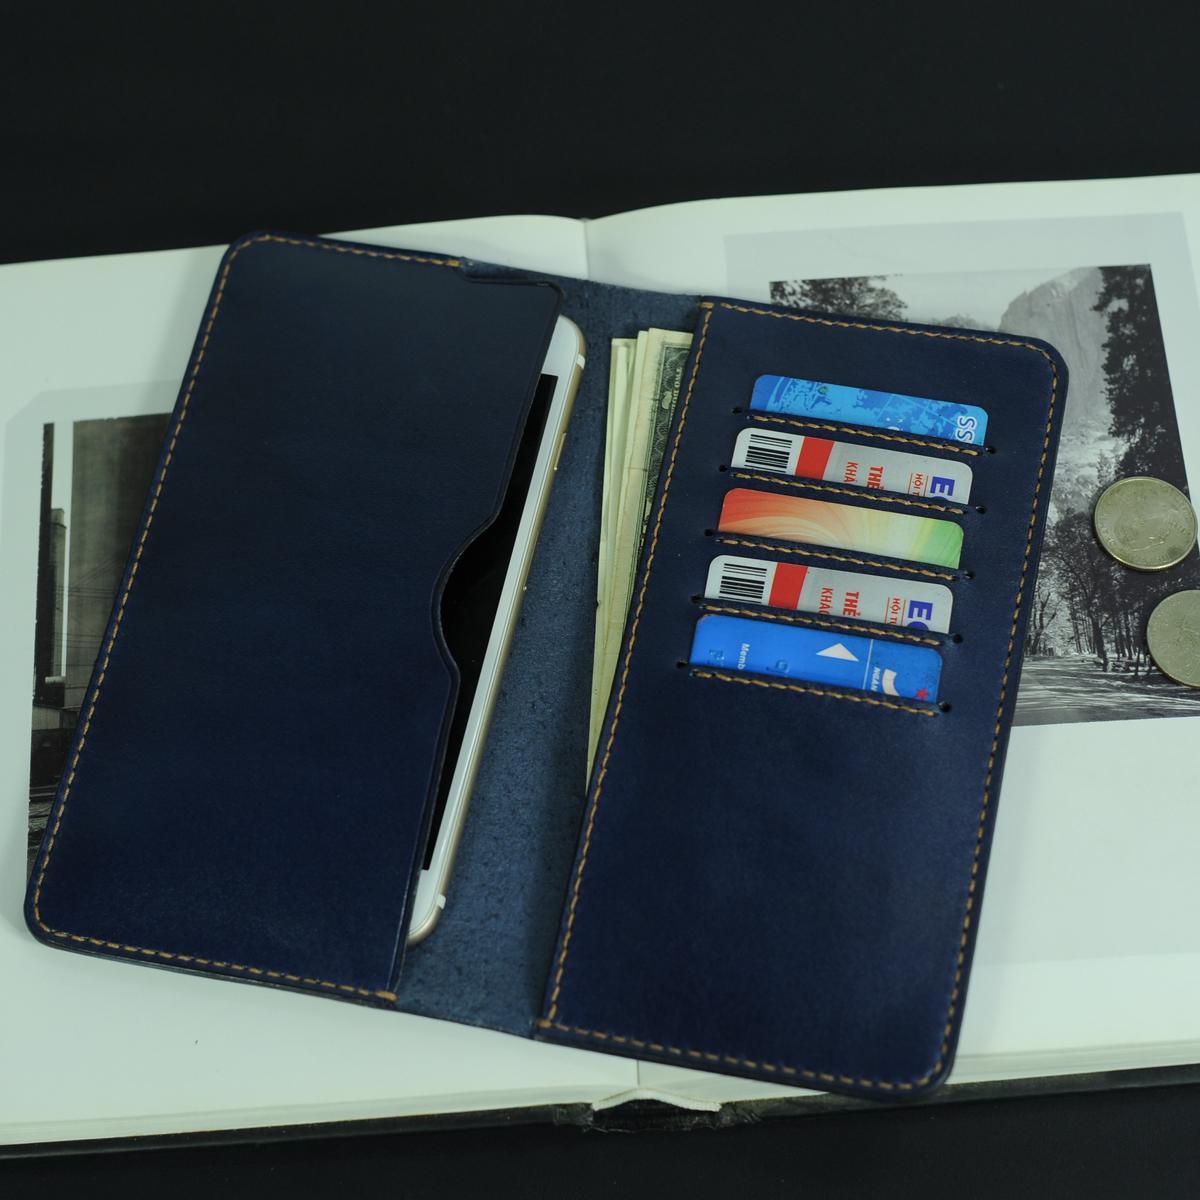 Ví dài cầm tay kèm ngăn để điện thoại- Đồ da Handmade - Da bò nhập khẩu VI561